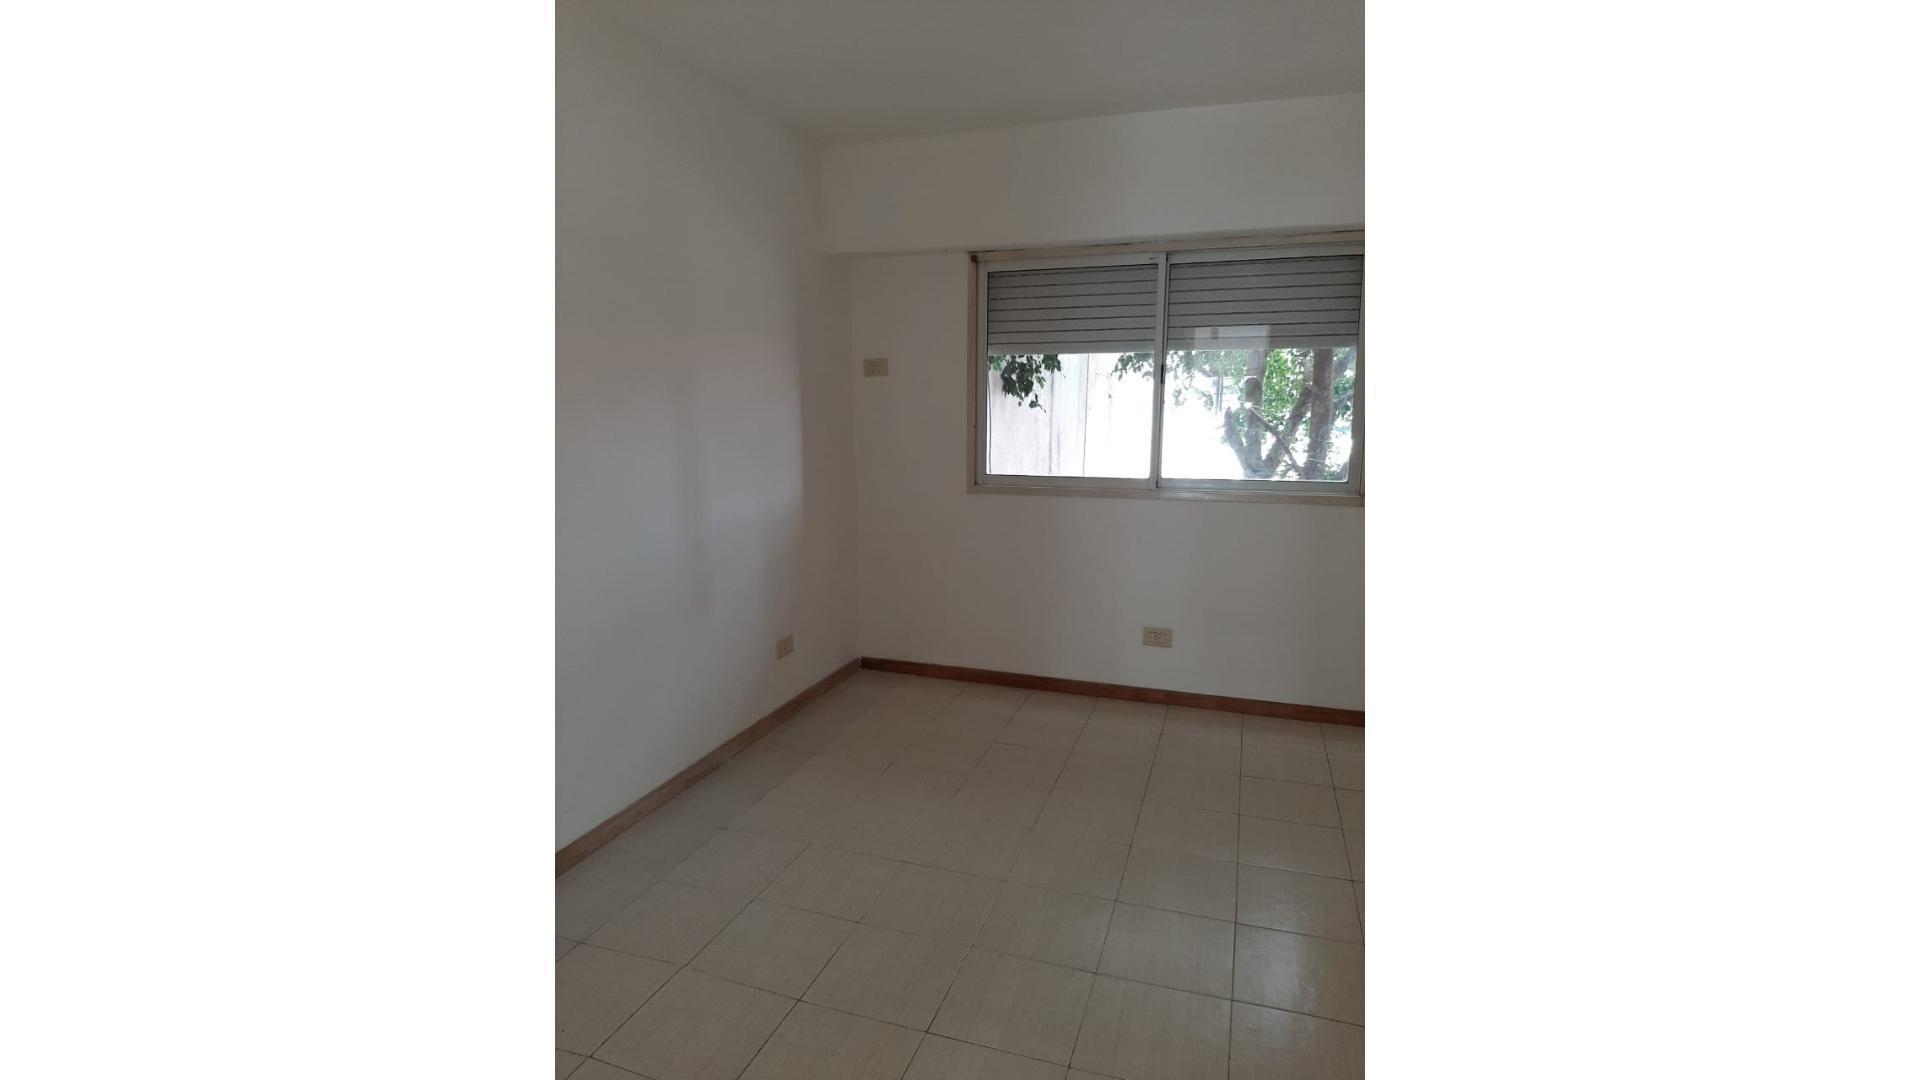 Departamento - 40 m² | 1 dormitorio | 10 años